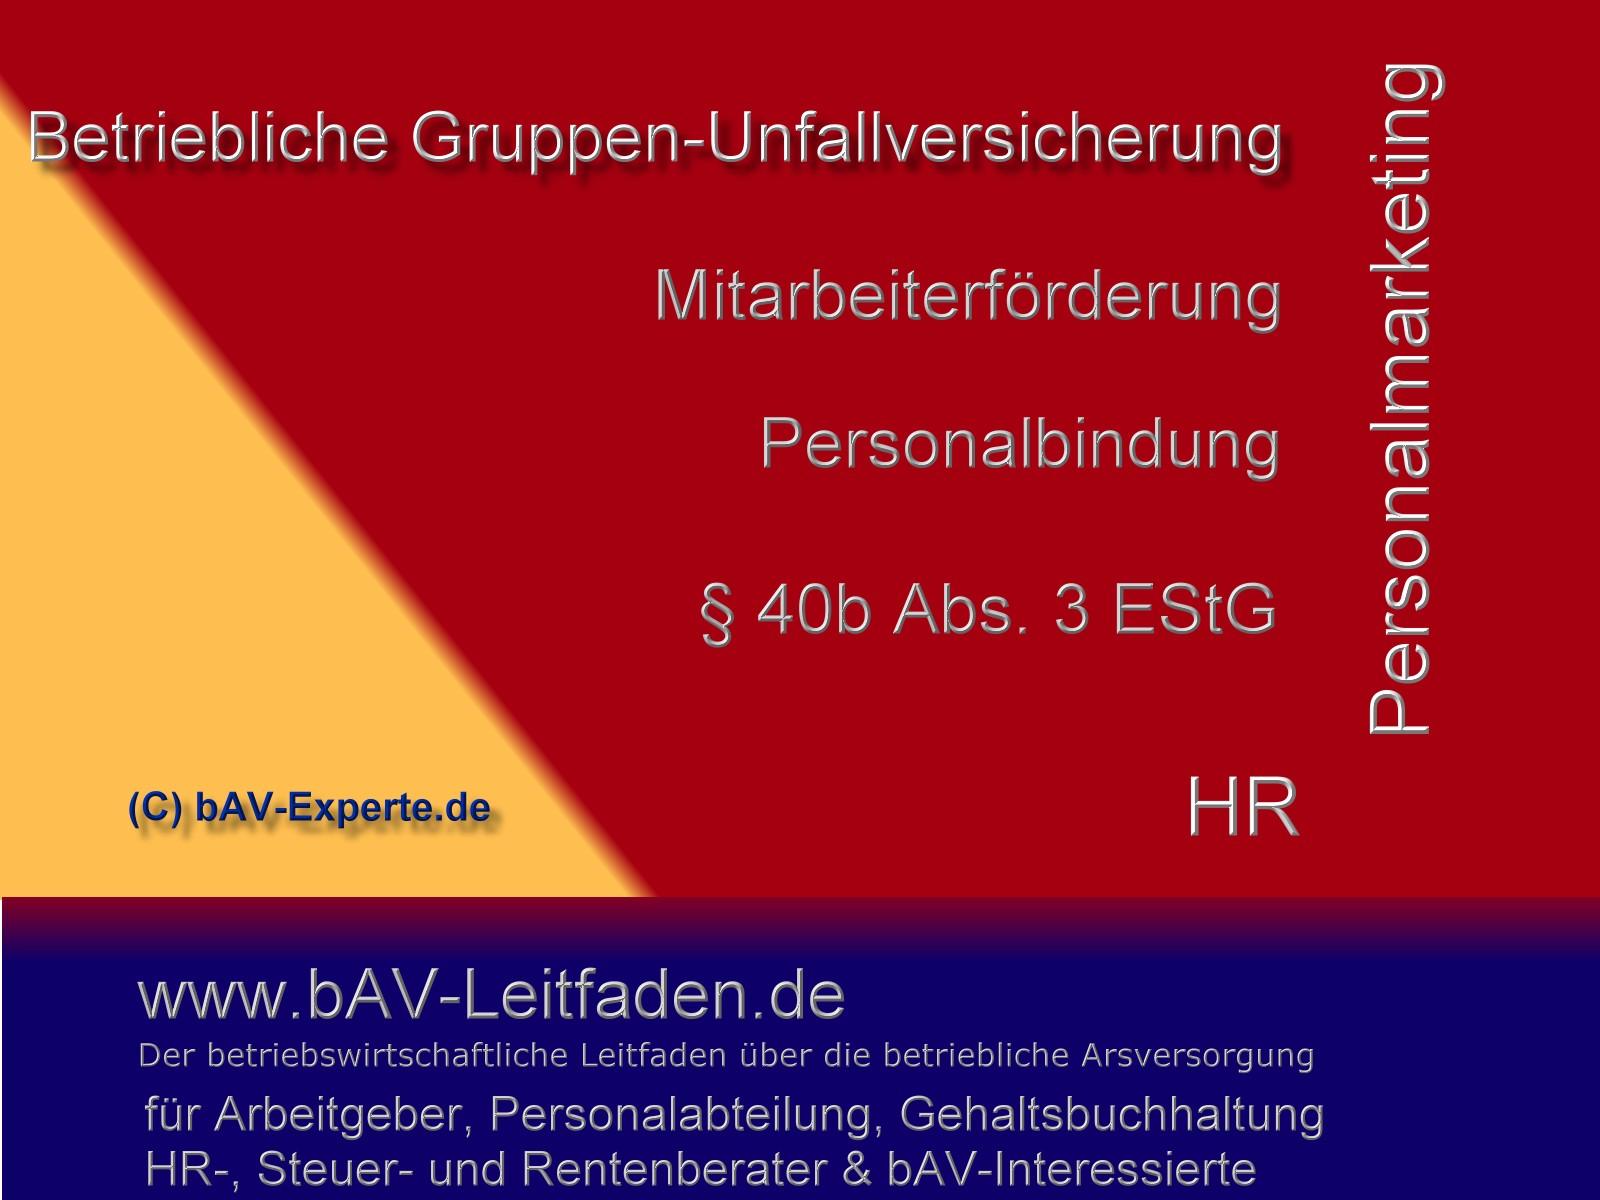 Gruppen-Unfallversicherung-bAV-Leitfaden